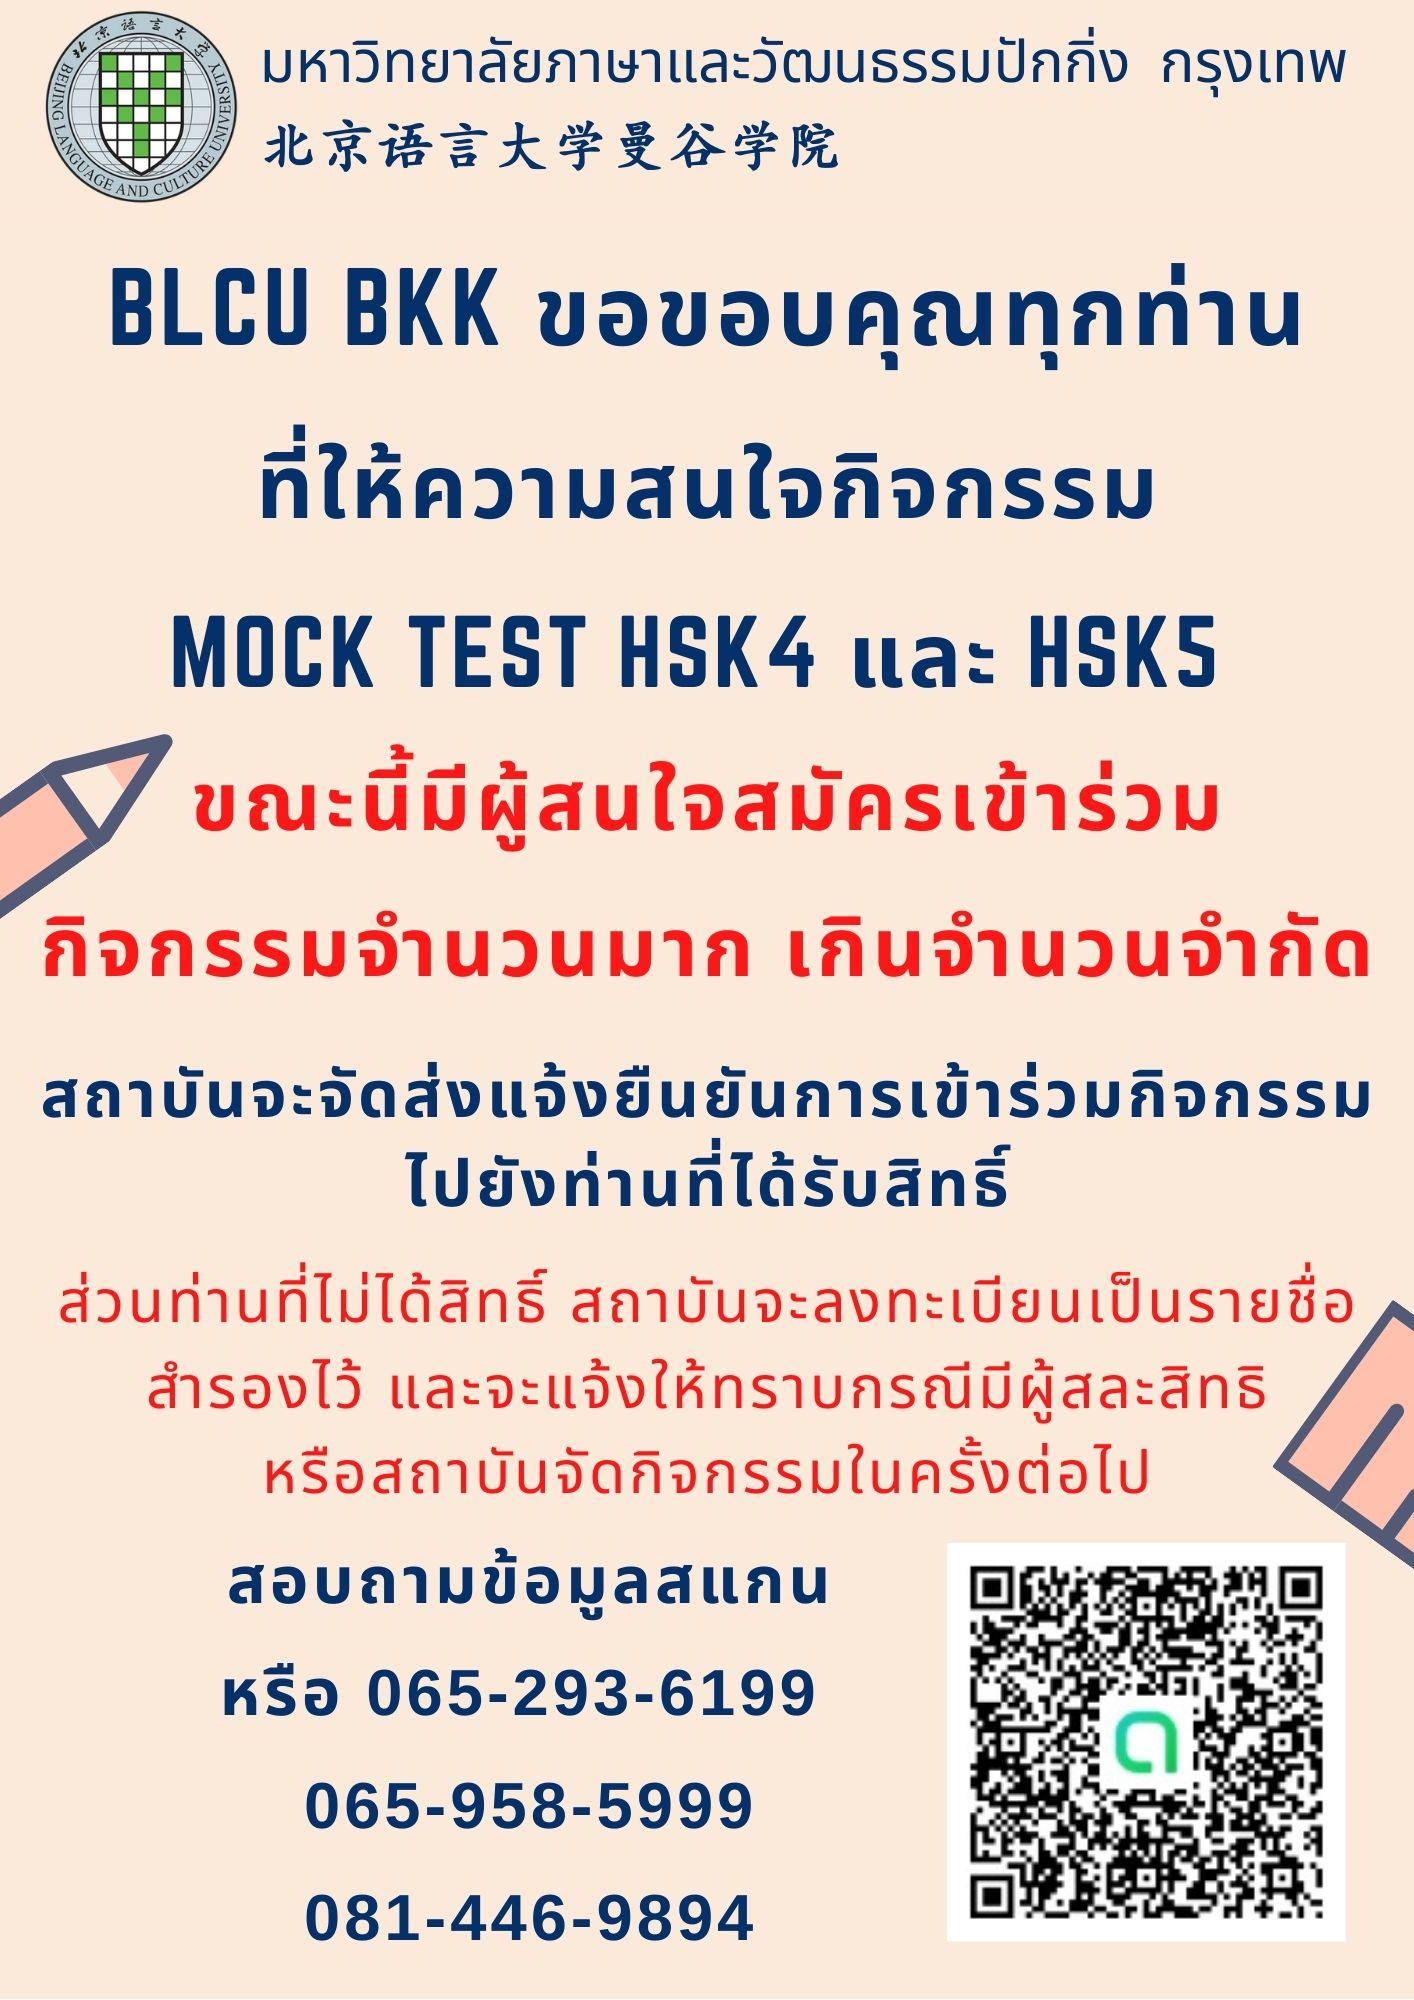 กิจกรรม MOCK TEST HSK4 และ HSK5 ขณะนี้มีผู้สนใจสมัครเข้าร่วมกิจกรรมจำนวนมาก เกินจำนวนจำกัด